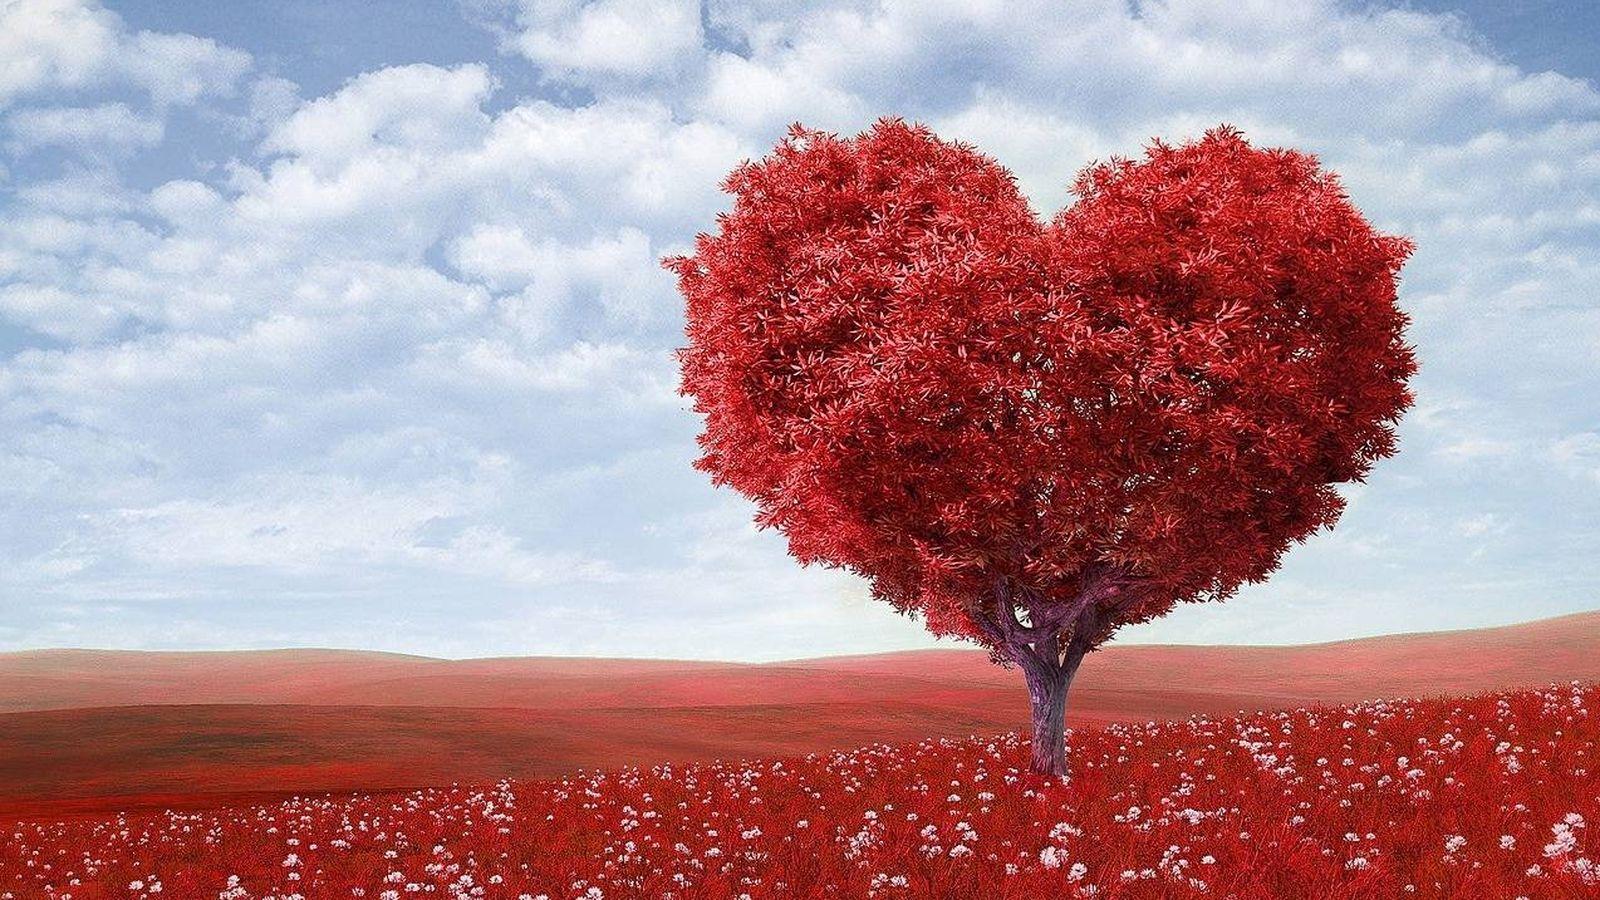 Que los regalos de ♥ San Valentín ♥ no te den problemas: 14 ideas para el  14 de febrero